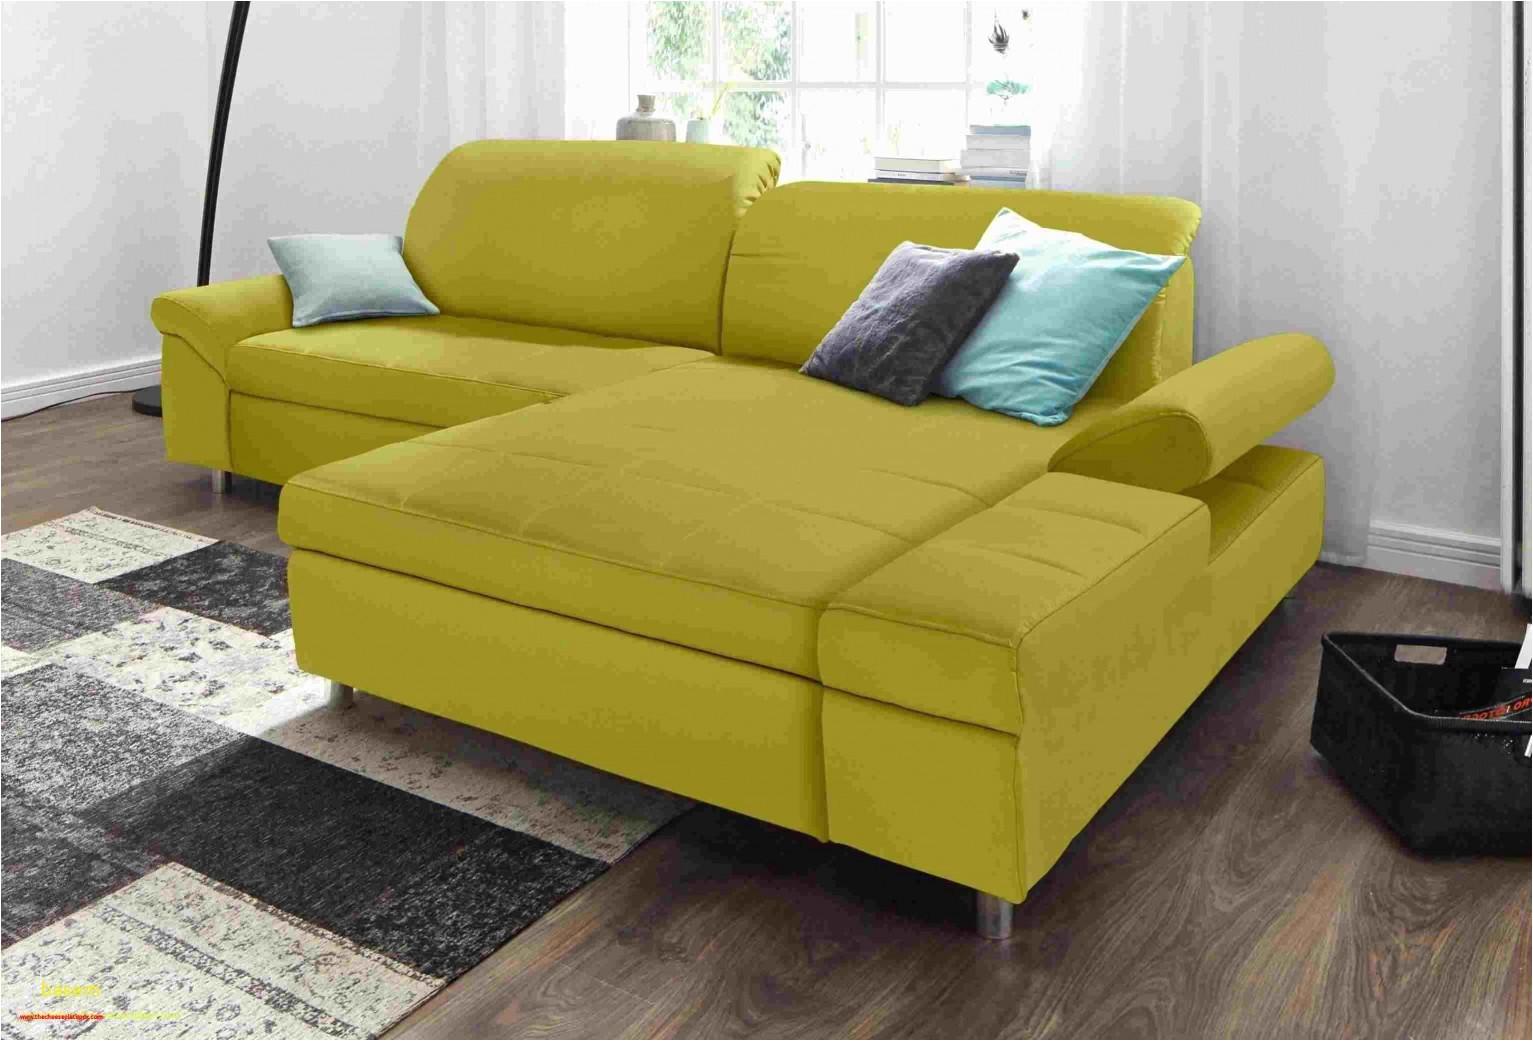 Friheten Sleeper Sofa Review Ikea Schlafsofa Friheten Luxus 23